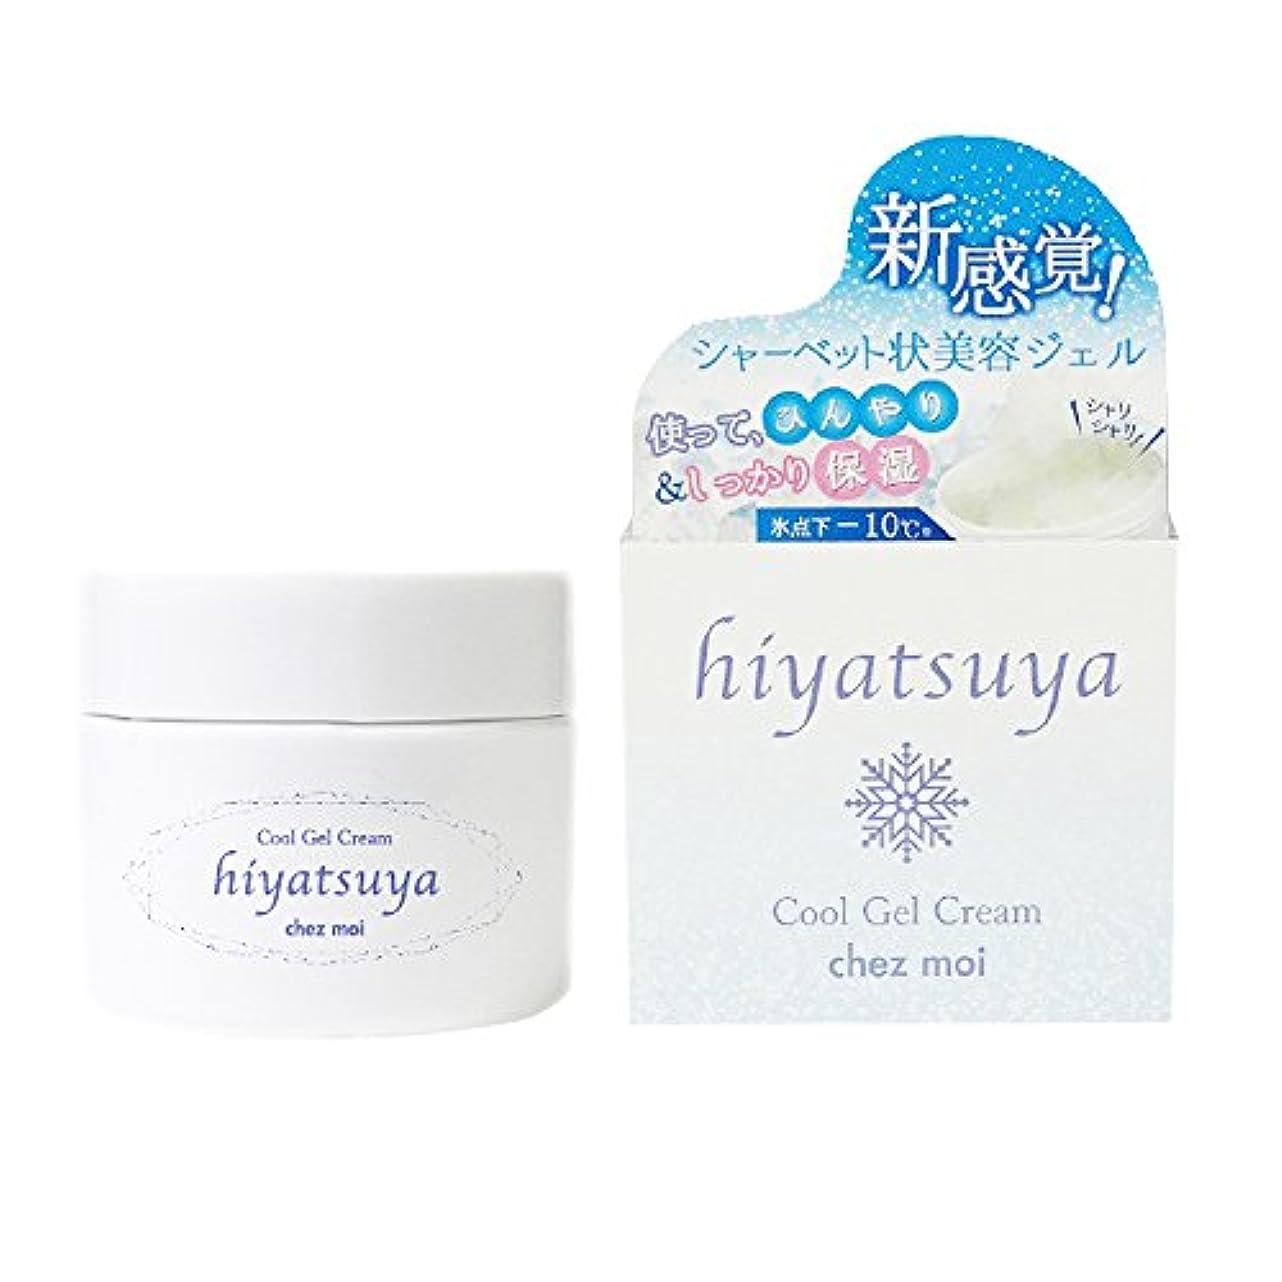 シェモア hiyatsuya(ヒヤツヤ) cool gel cream 70g